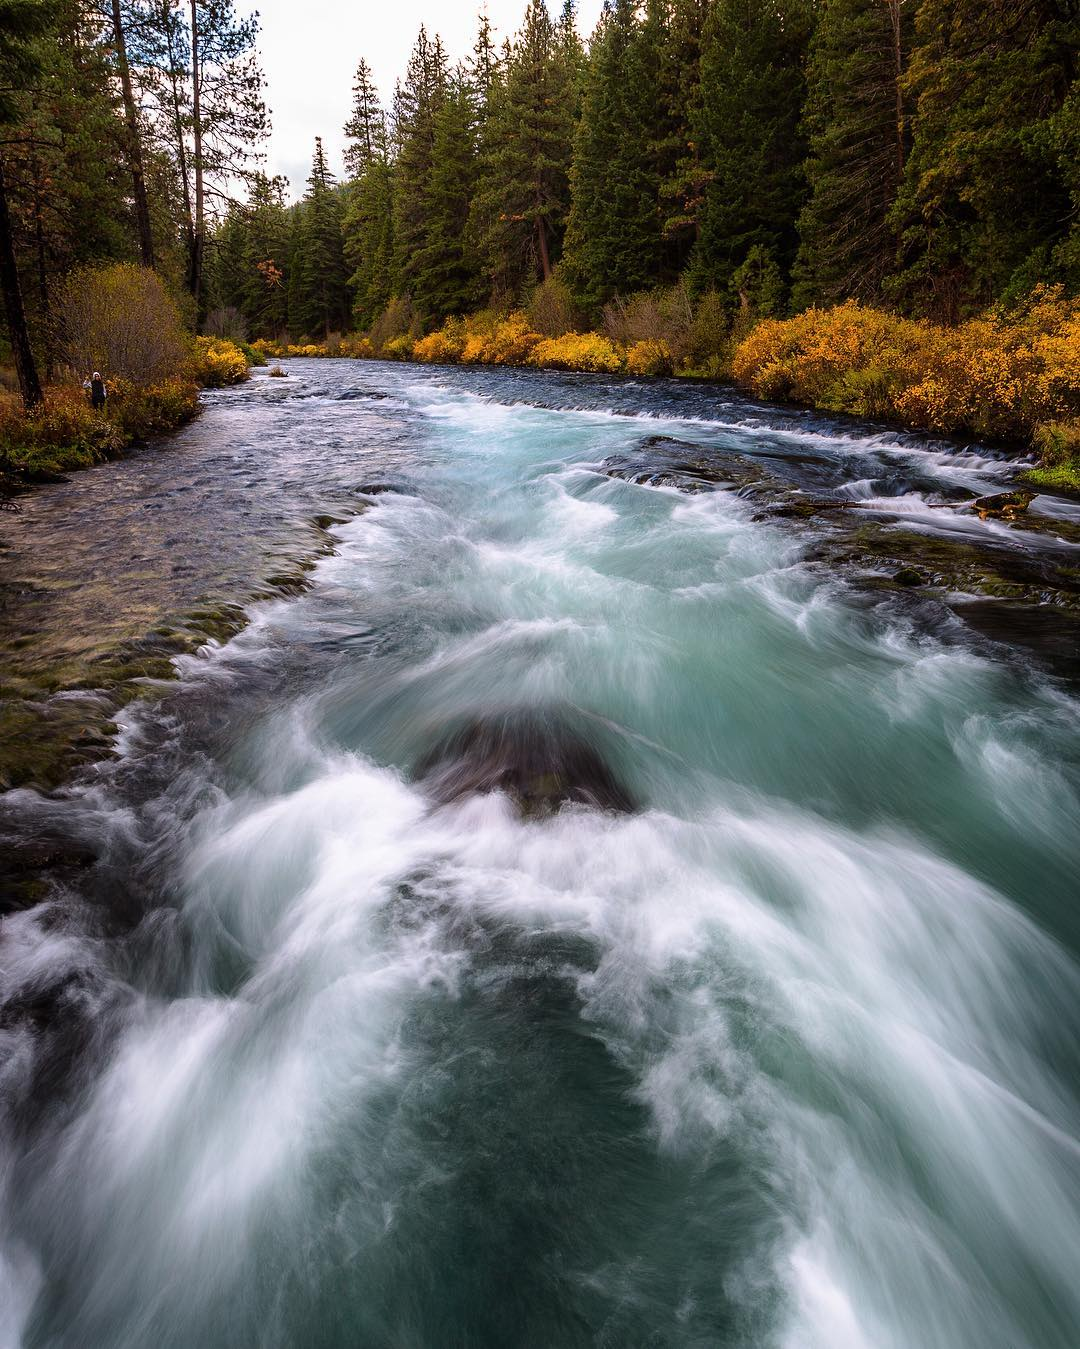 Красота природы на снимках Росса Липсона